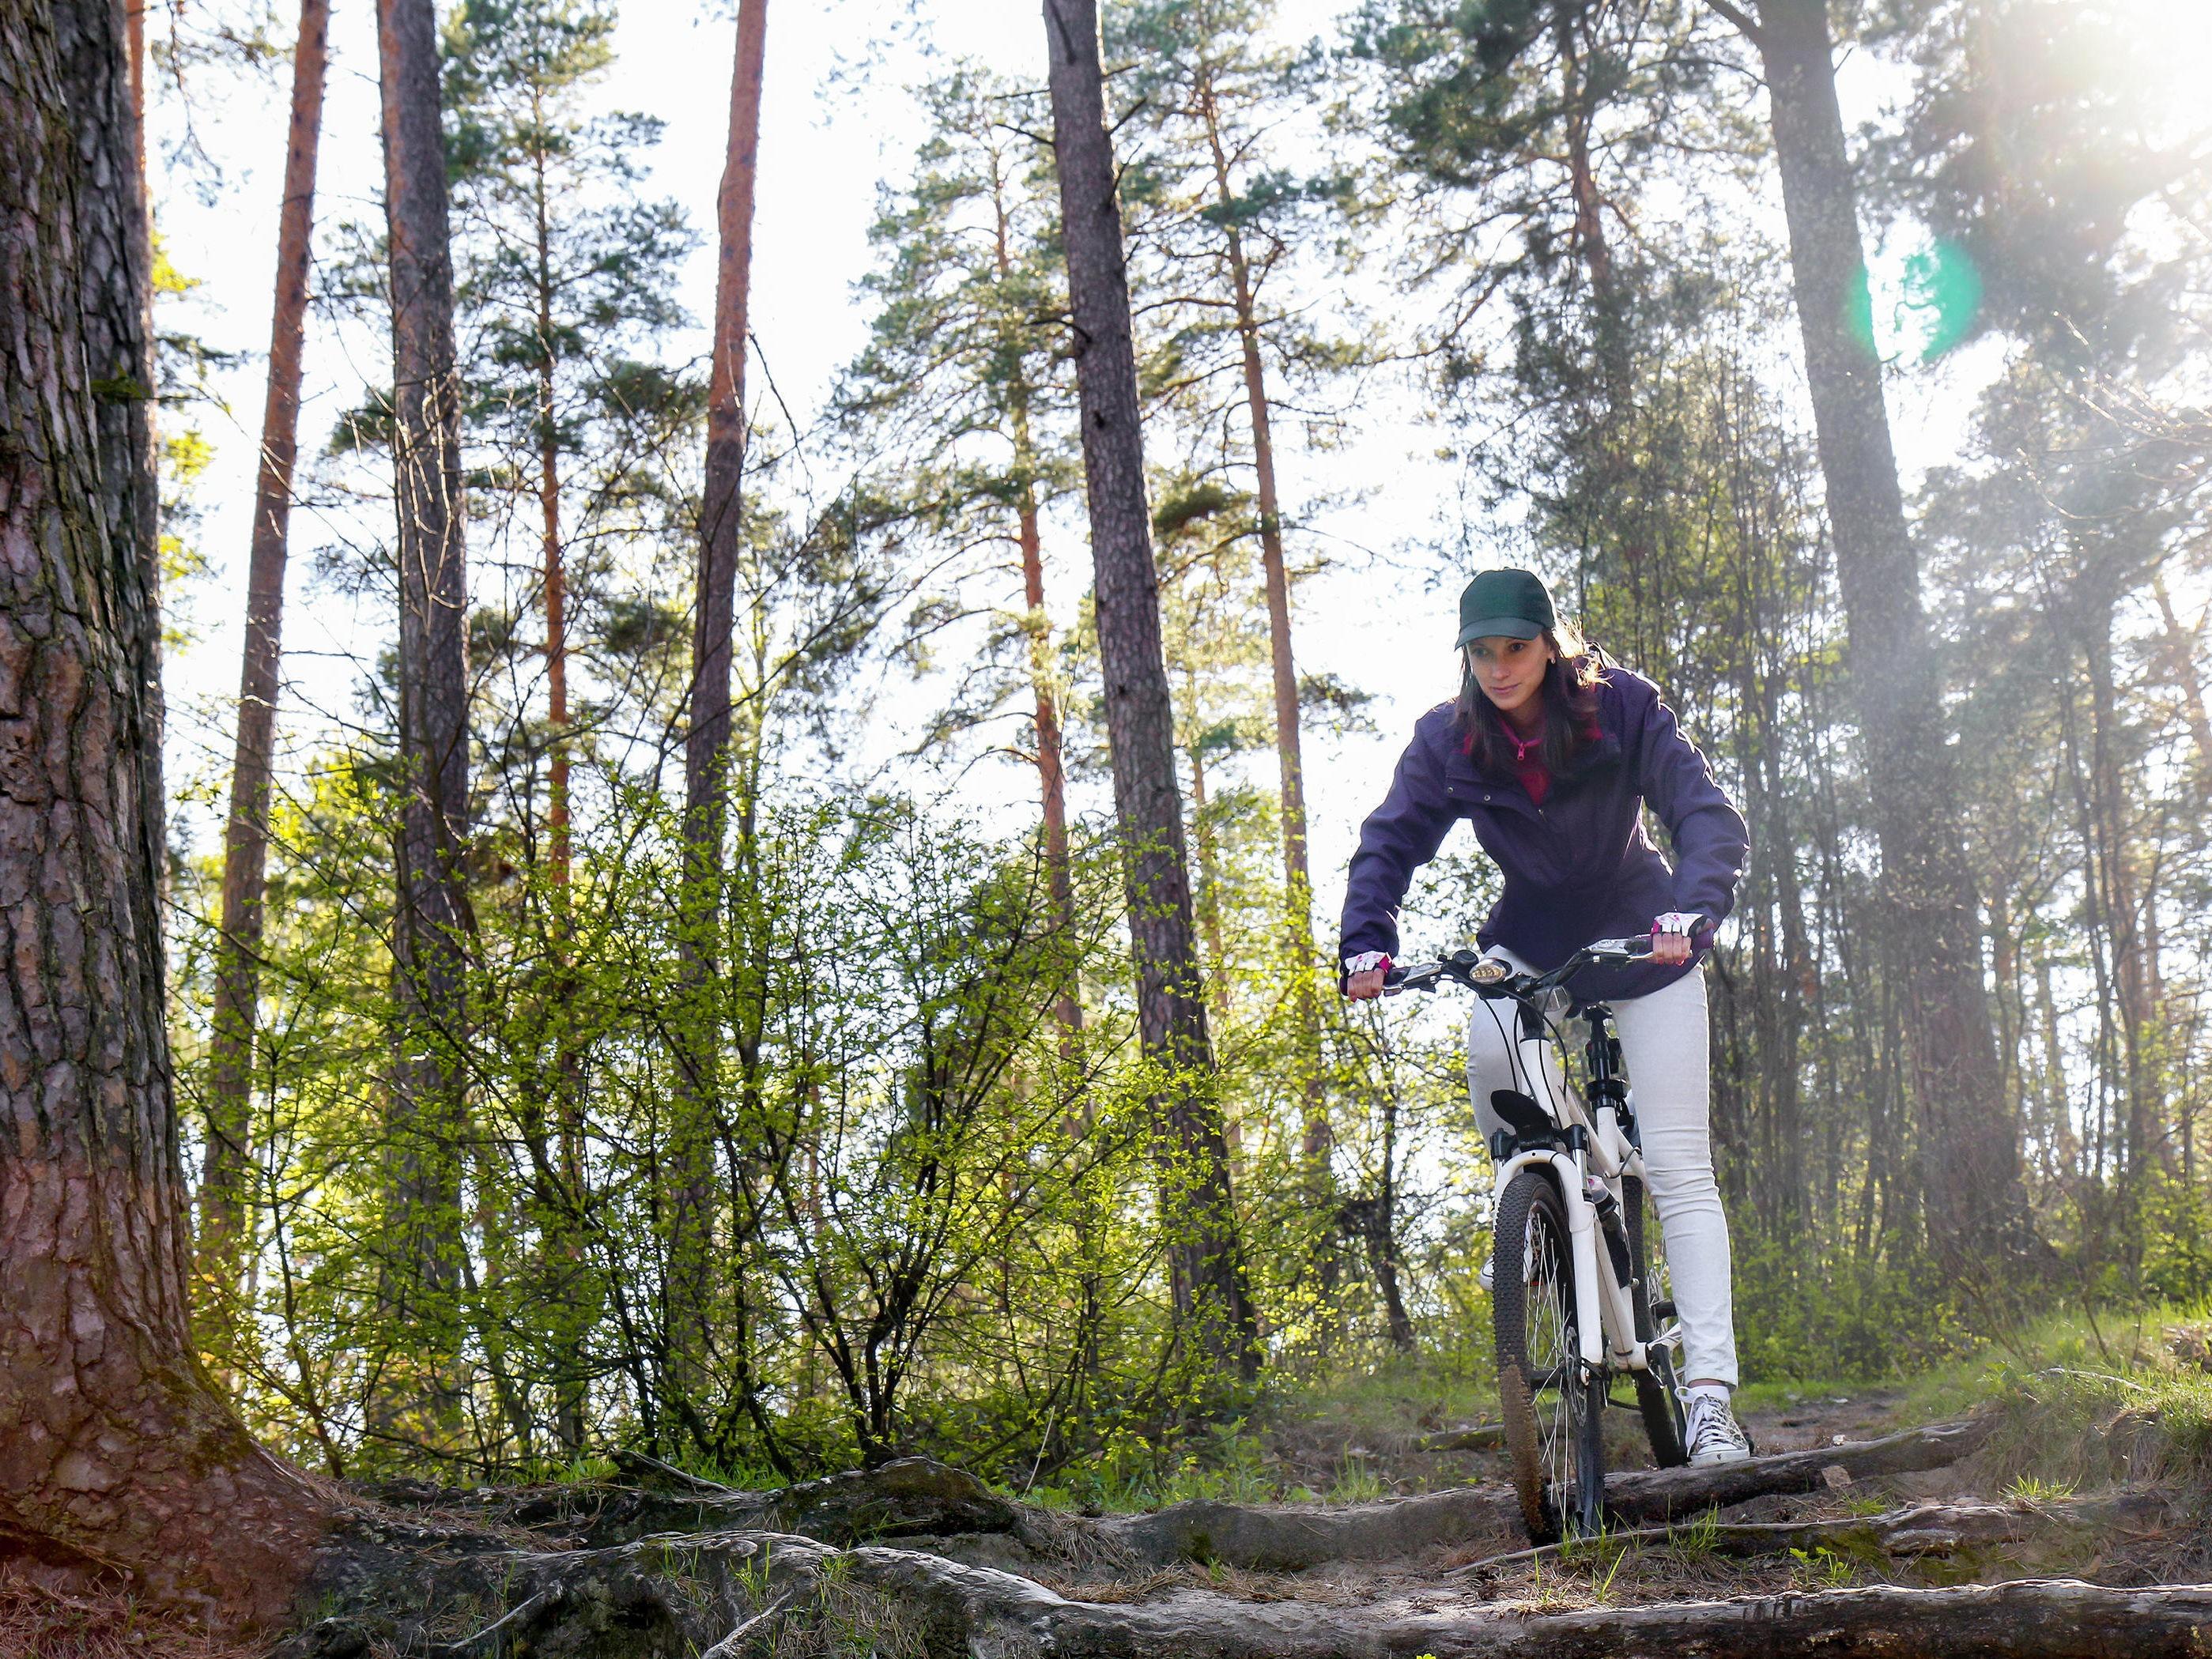 SLURVER MED HJELM: Rundt 30 prosent av alle som sykler svarer nemlig at de aldri, sjelden eller bare av og til bruker hjelm.